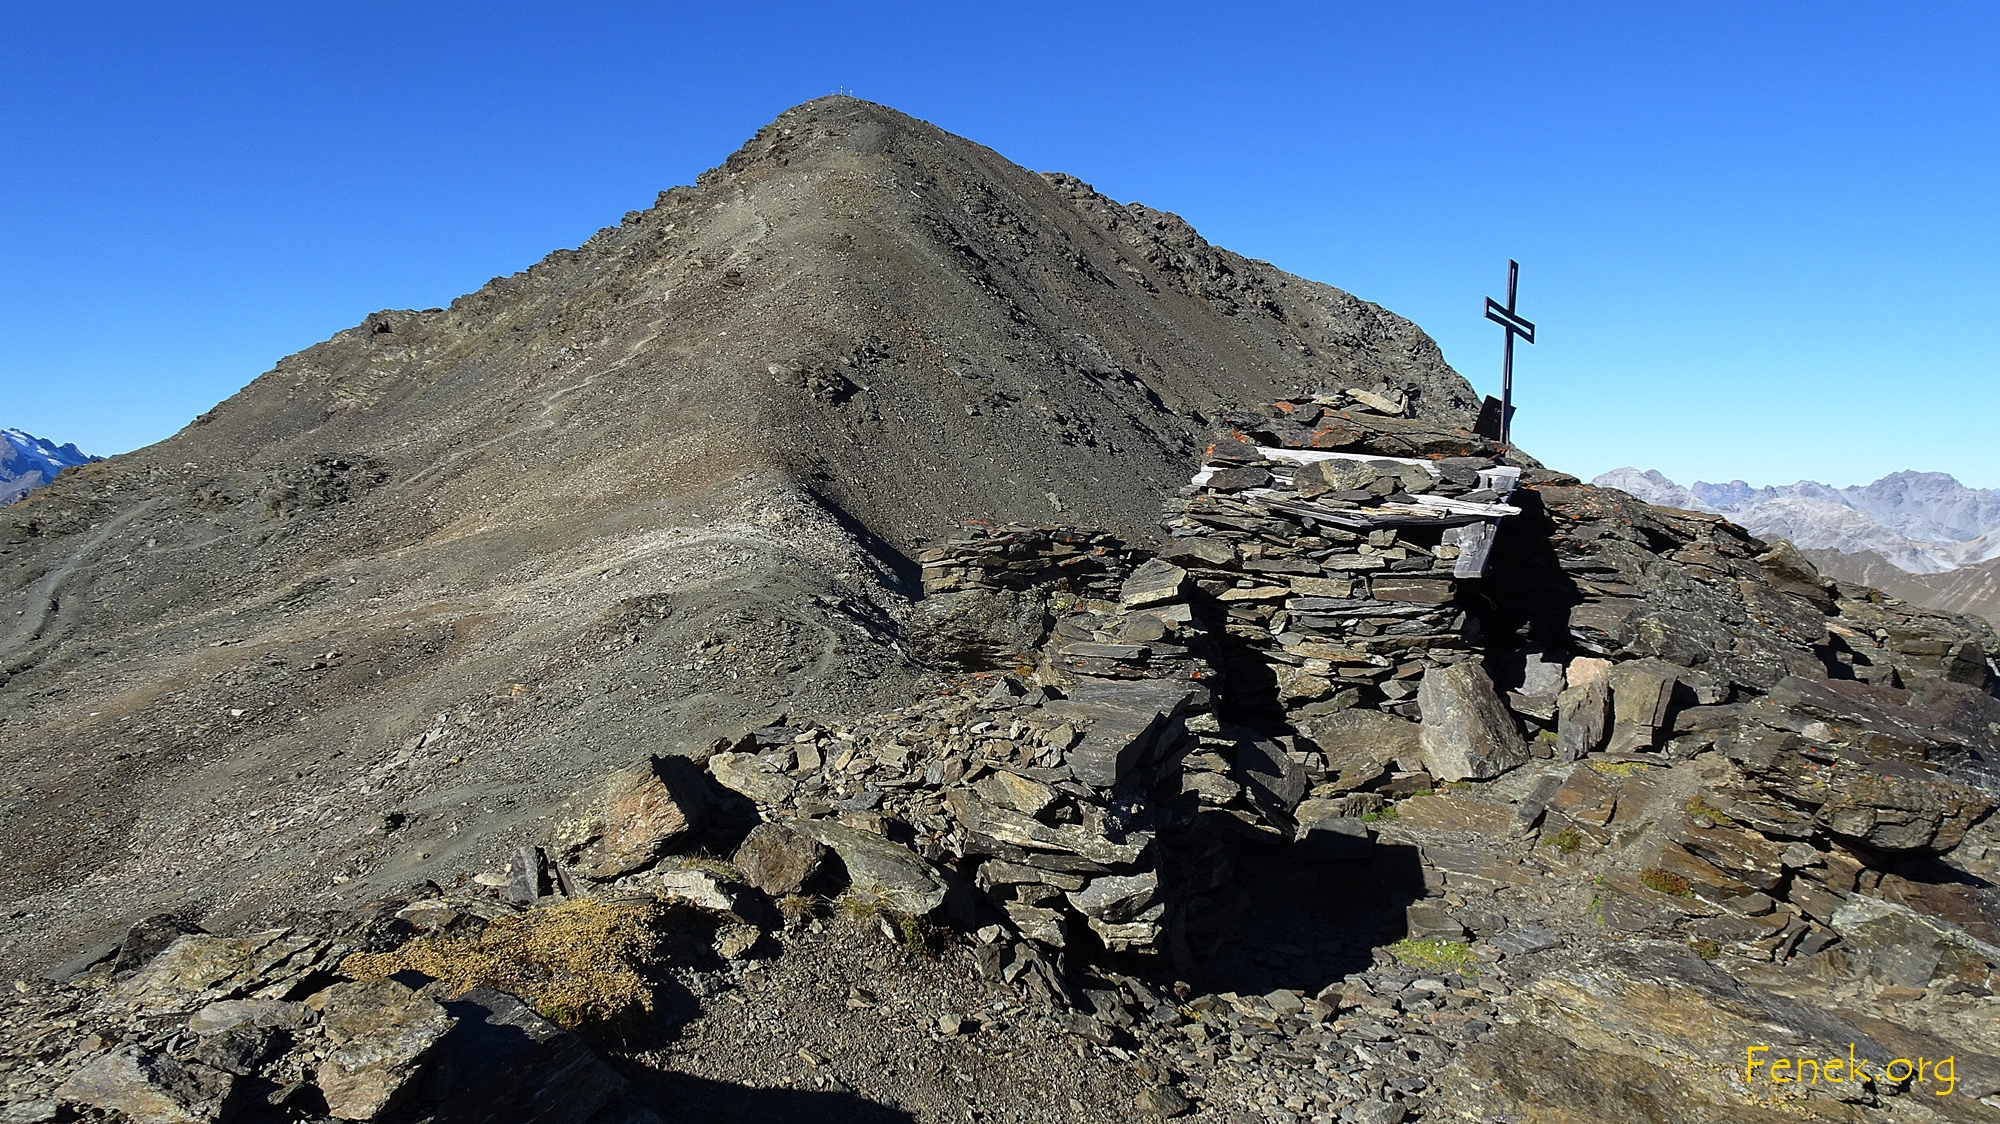 Monte Scorluzzo und Überreste aus dem 1. Weltkrieg